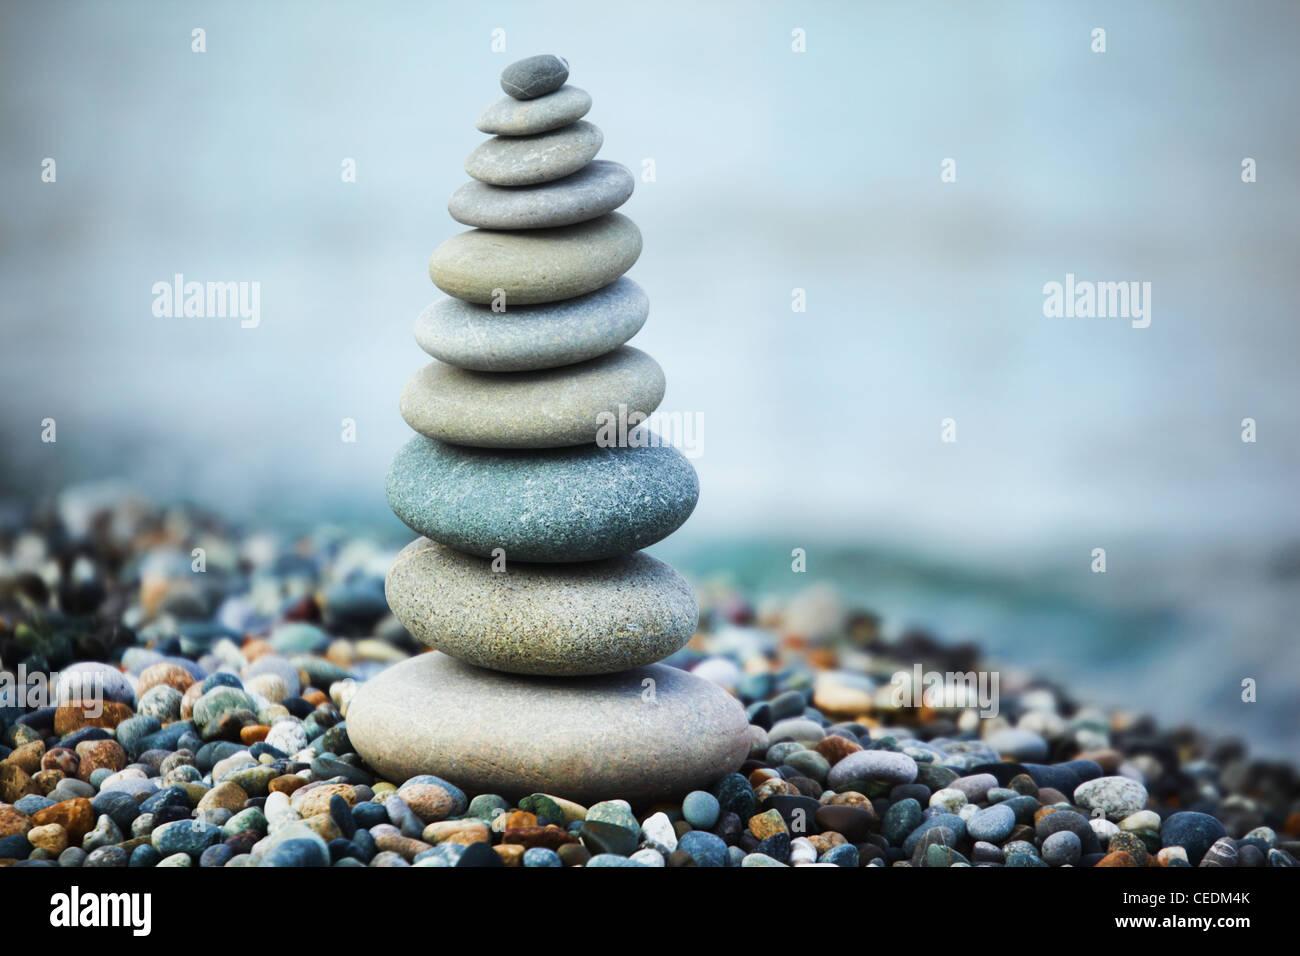 zen stones on beach - Stock Image